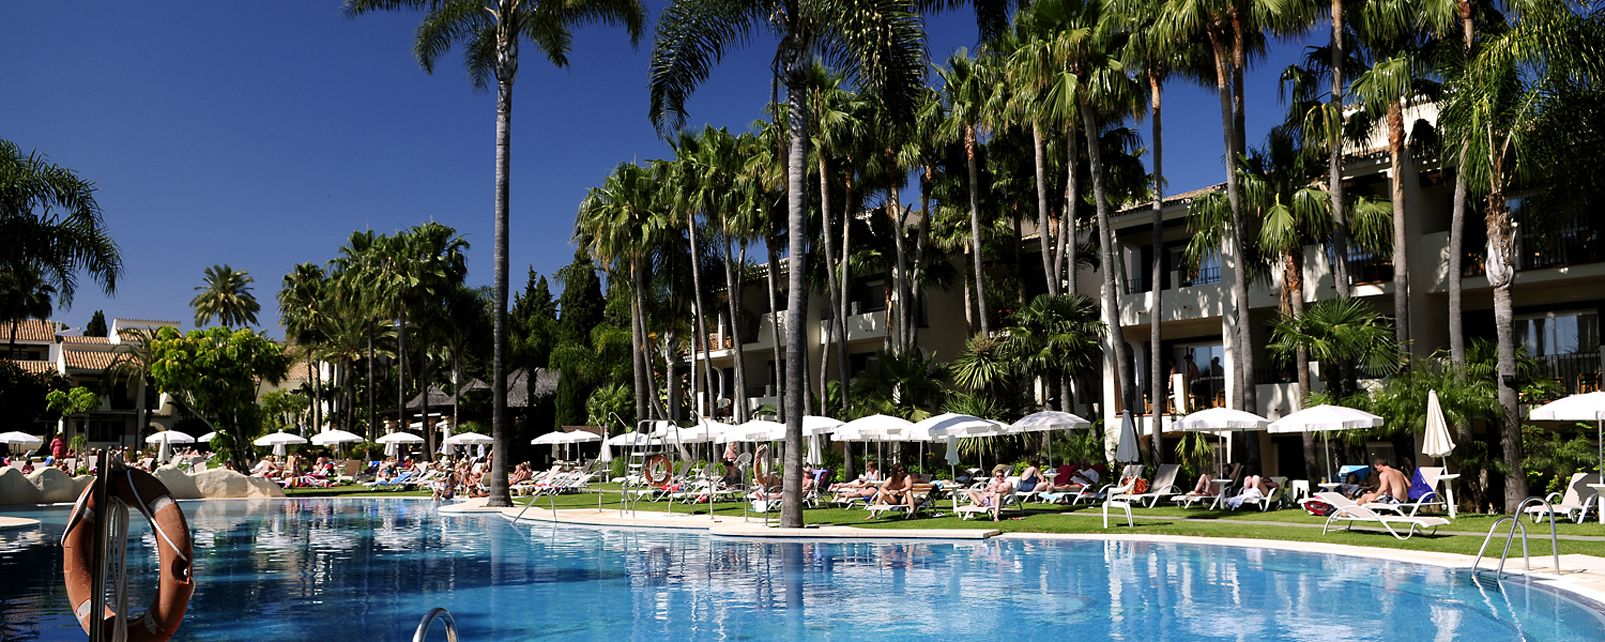 Hotel De Charme Marbella